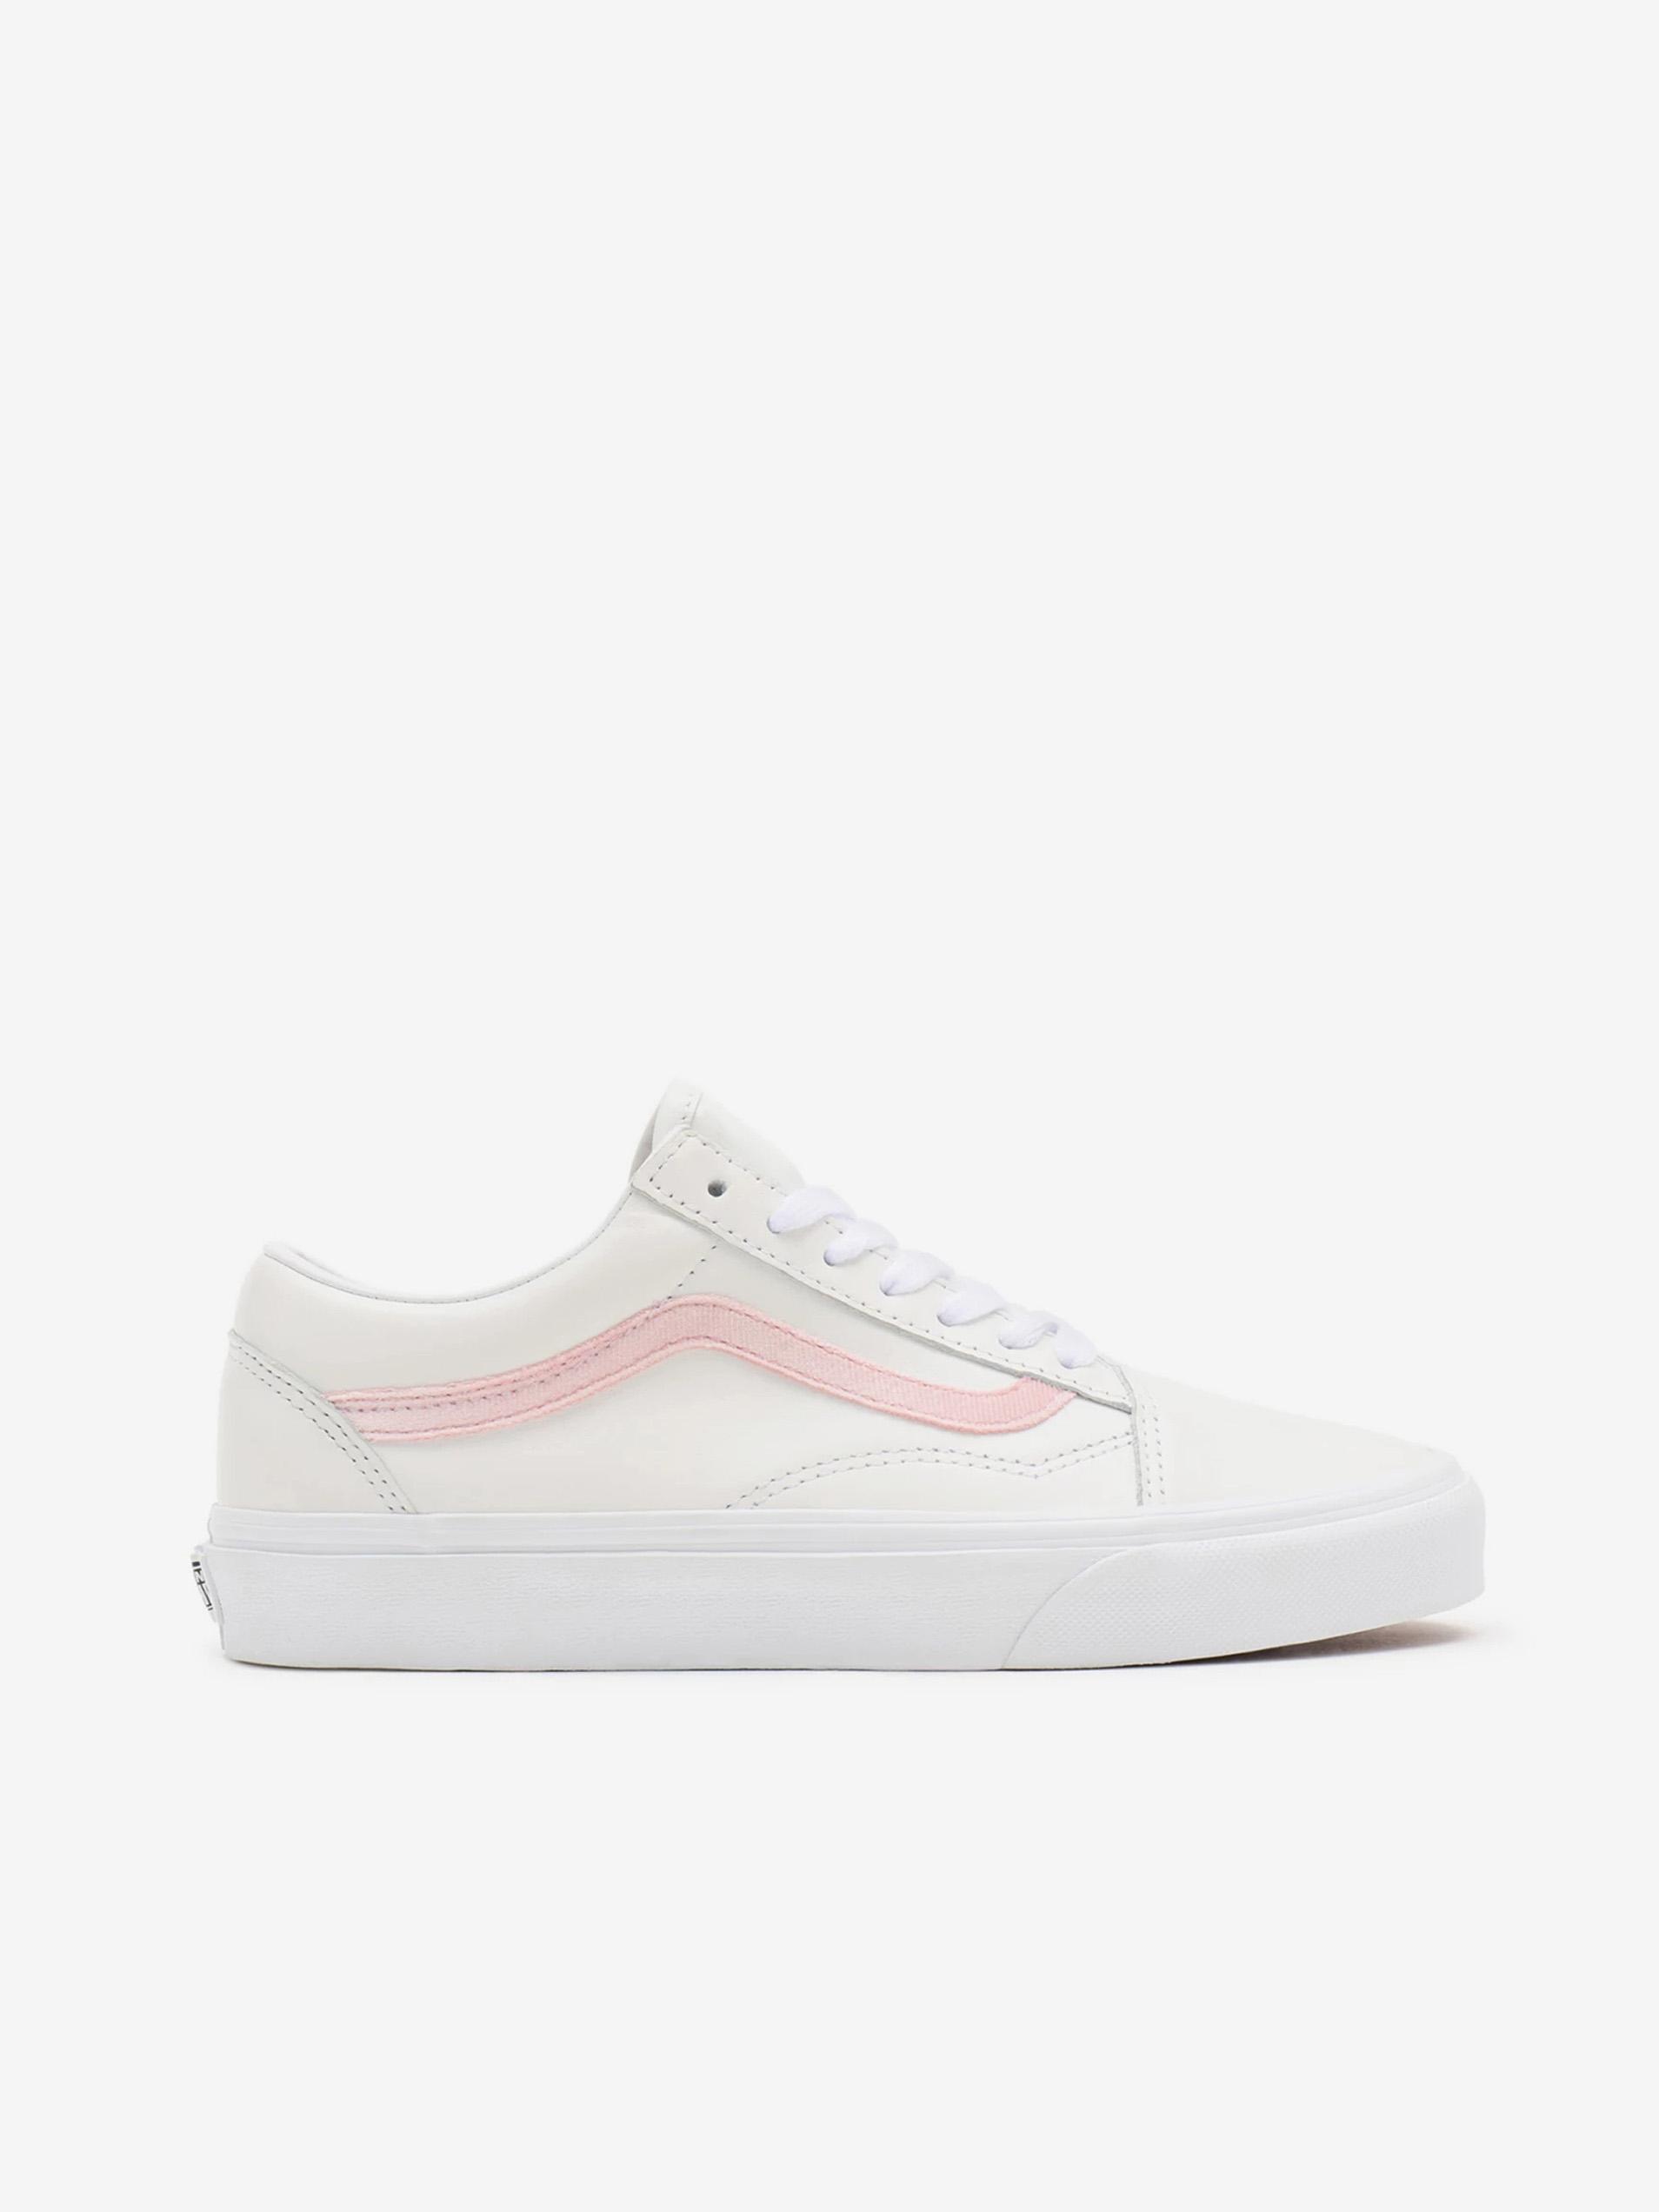 Ružovo-biele pánske kožené topánky VANS Old Skool - 35